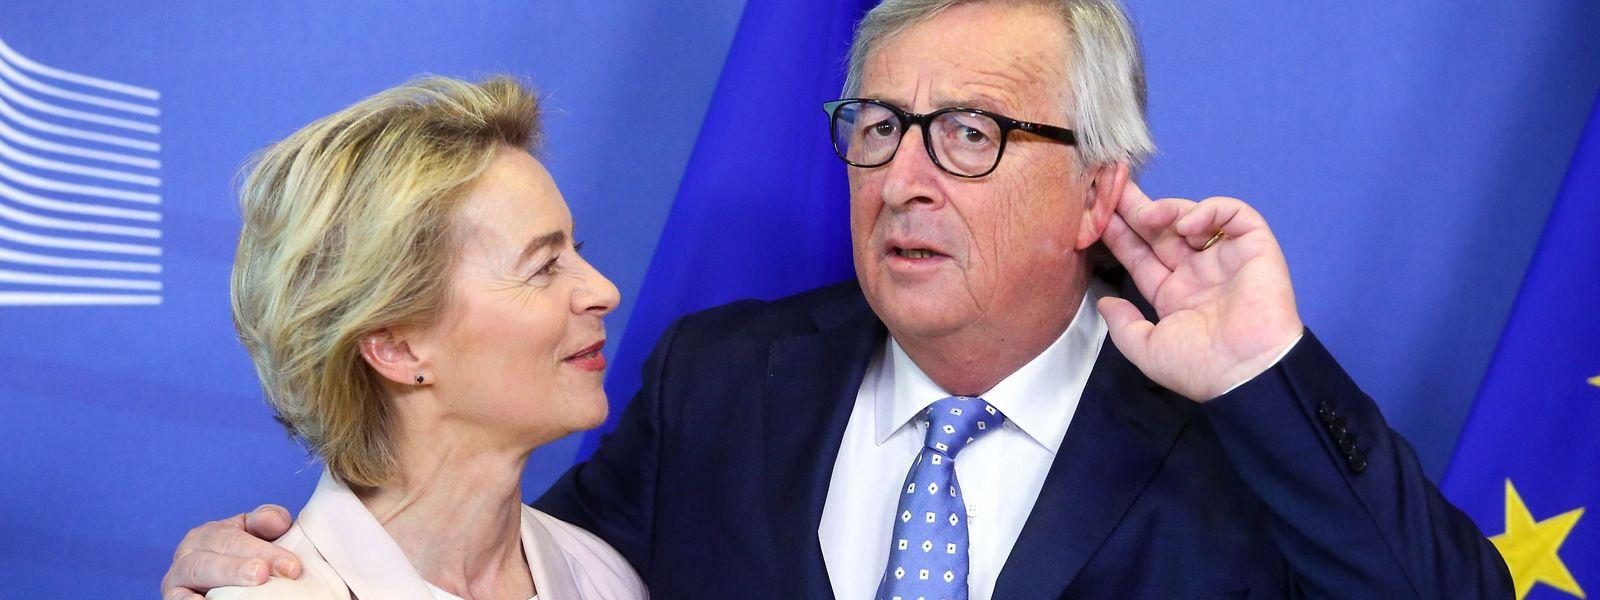 Das Team Juncker wird wohl noch einige Wochen länger im Amt bleiben müssen.